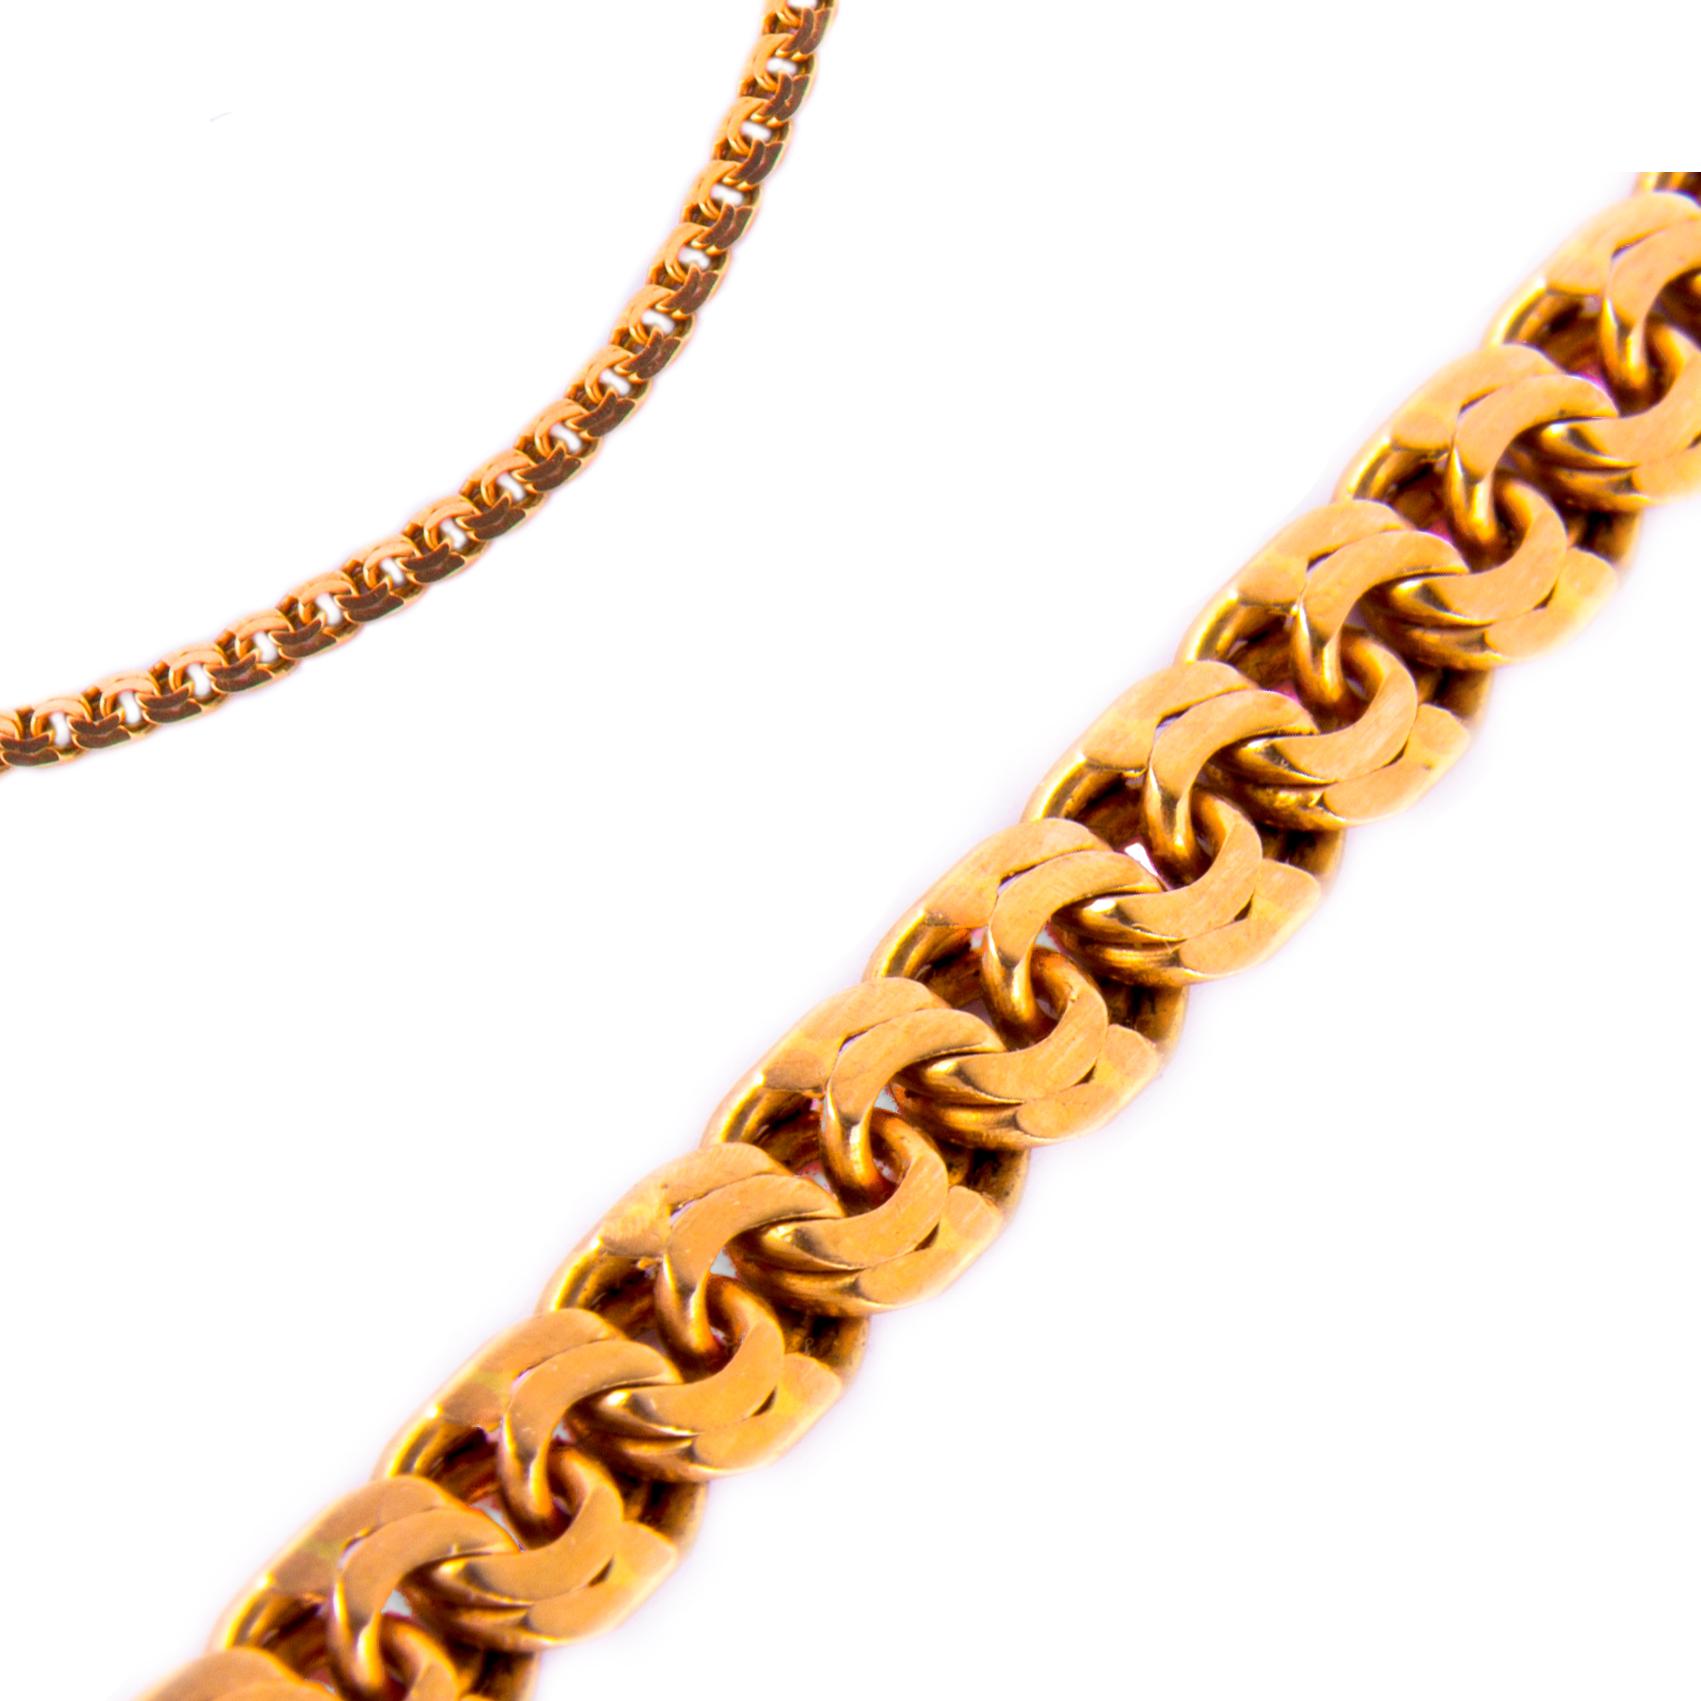 золотая цепочка мужская купить в спб